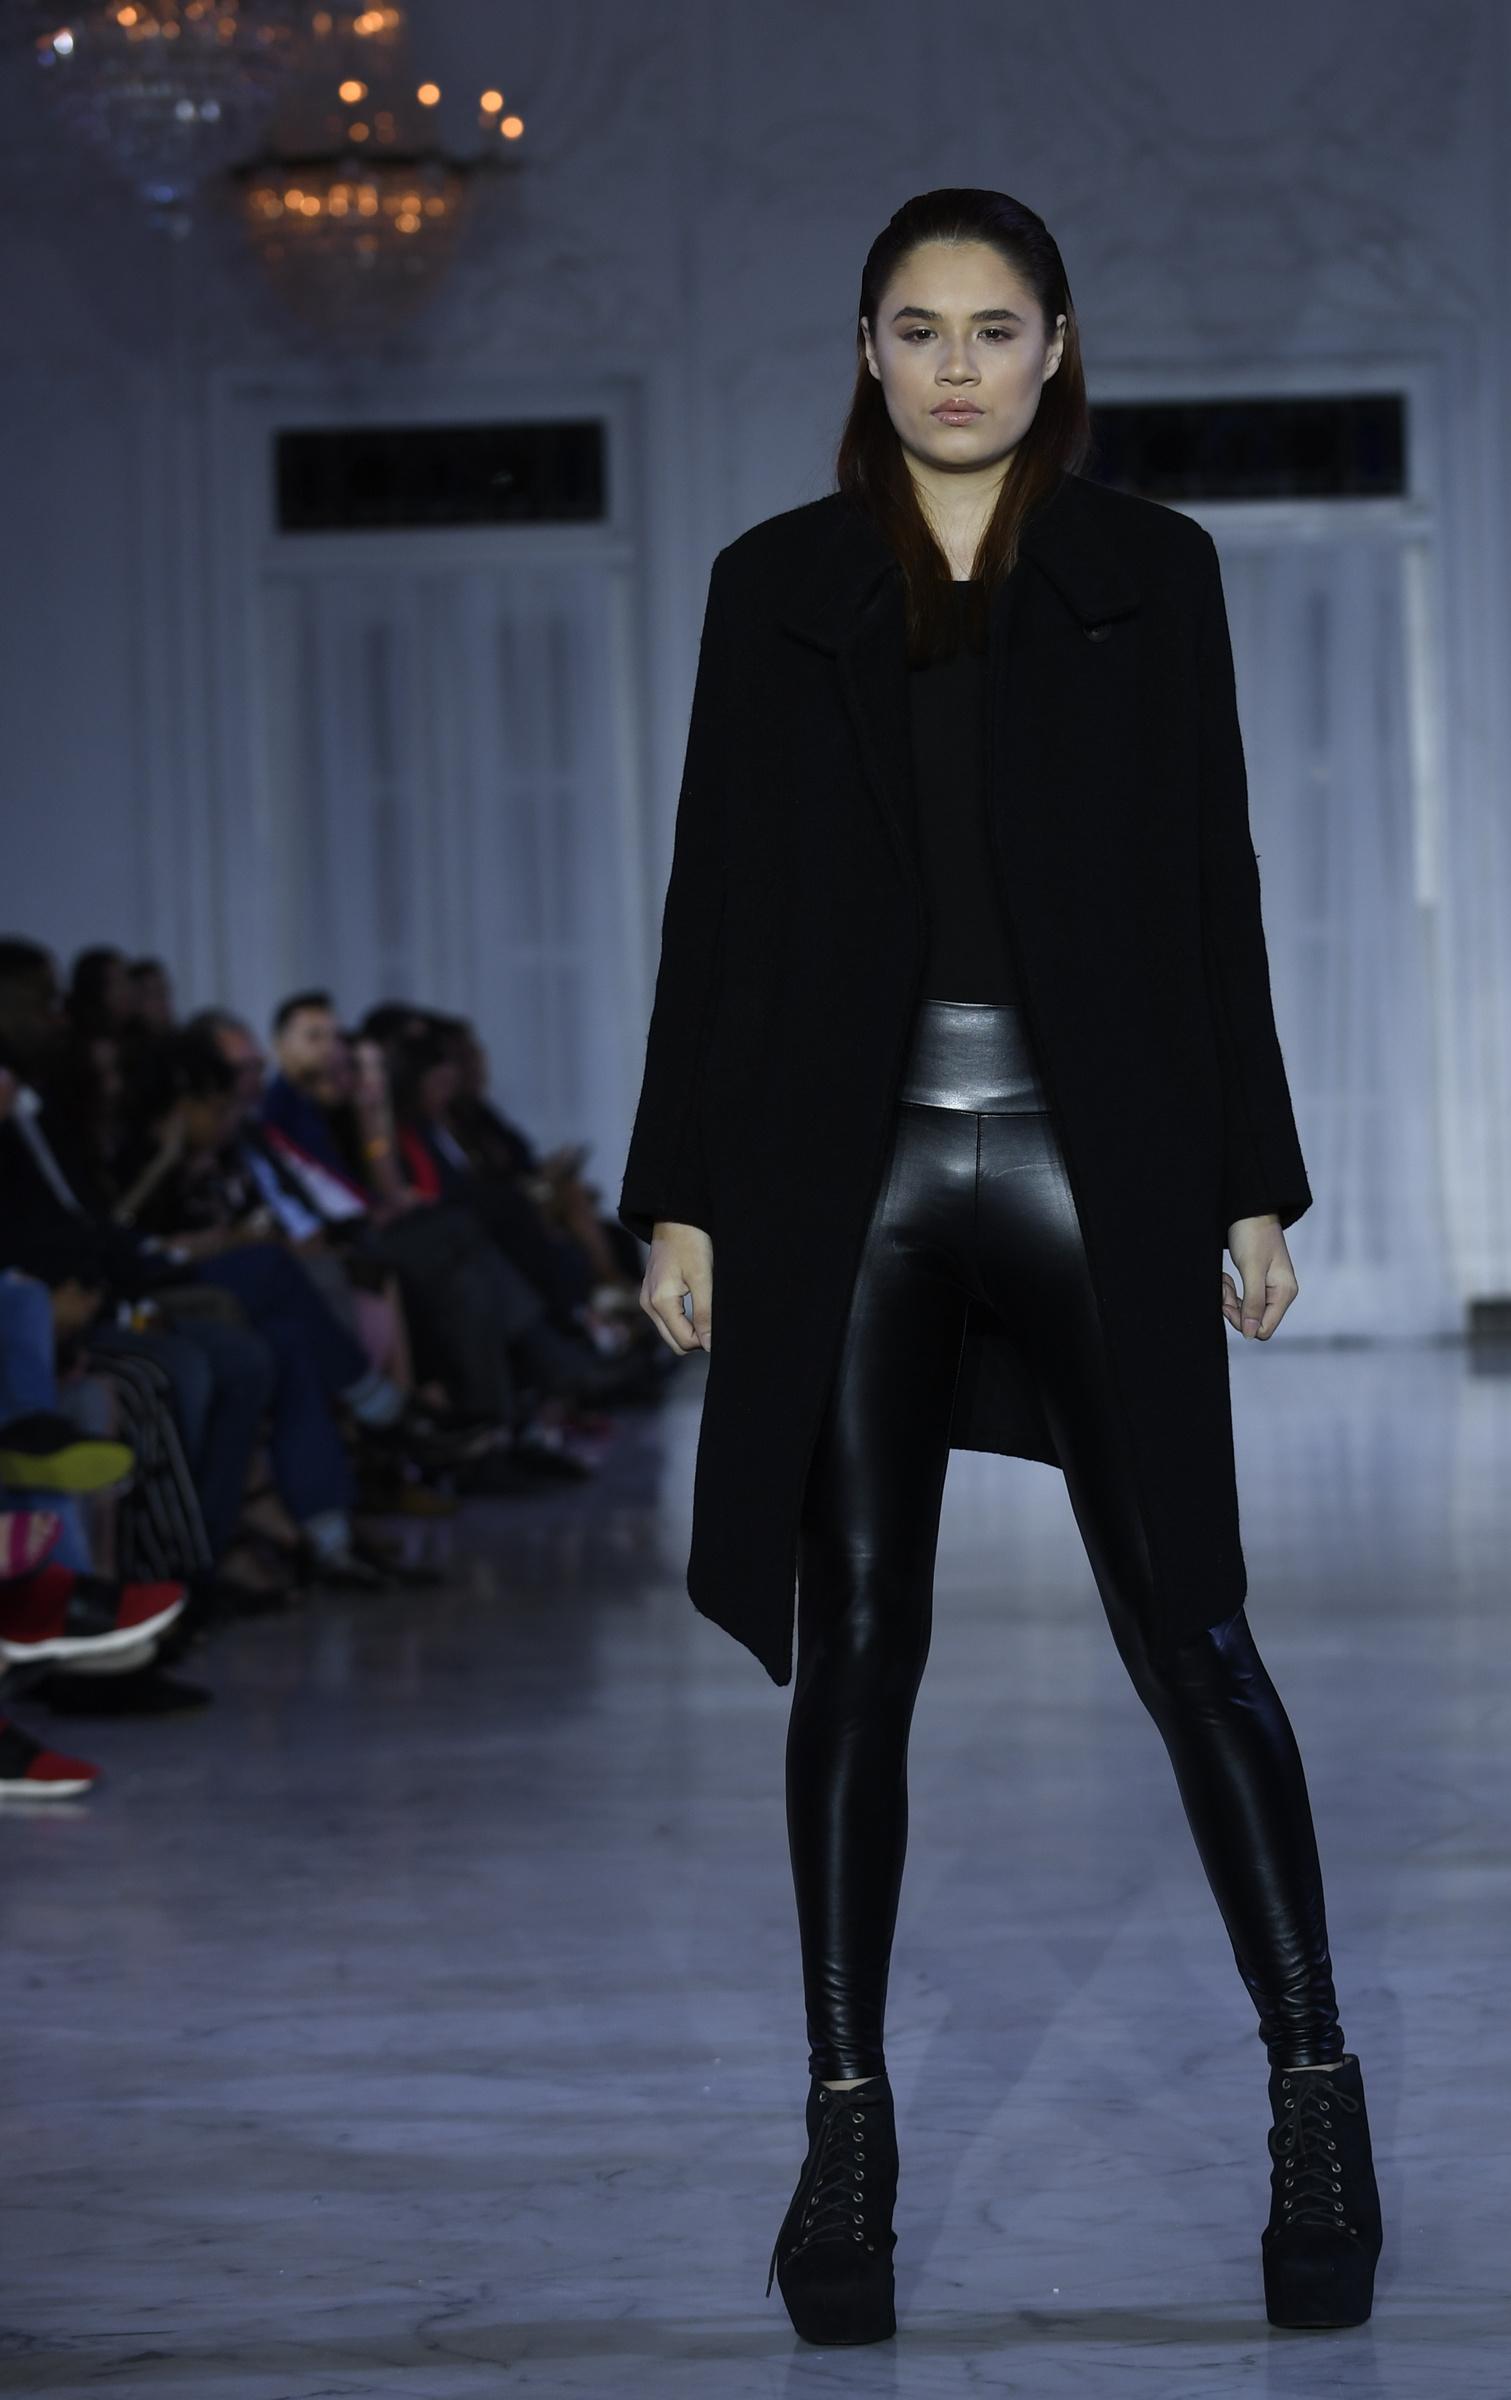 """Pantalón de cuero tipo """"legging"""" con chaqueta larga, en un """"total look""""negro de Jeanette Limas. Foto Ángel Luis García"""